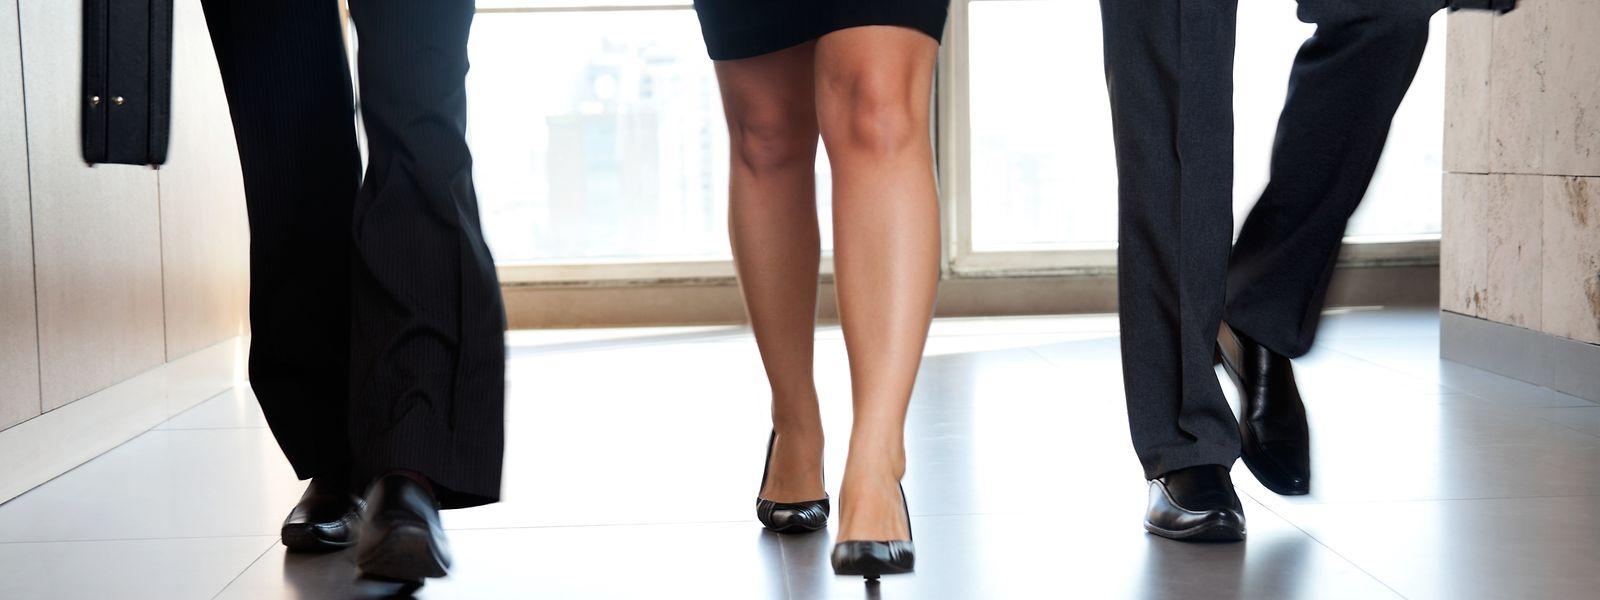 Der nationale Frauenrat vermisst konkrete Vorschläge der Parteien zur Verbesserung der Geschlechterquote in den betrieblichen Verwaltungsräten.